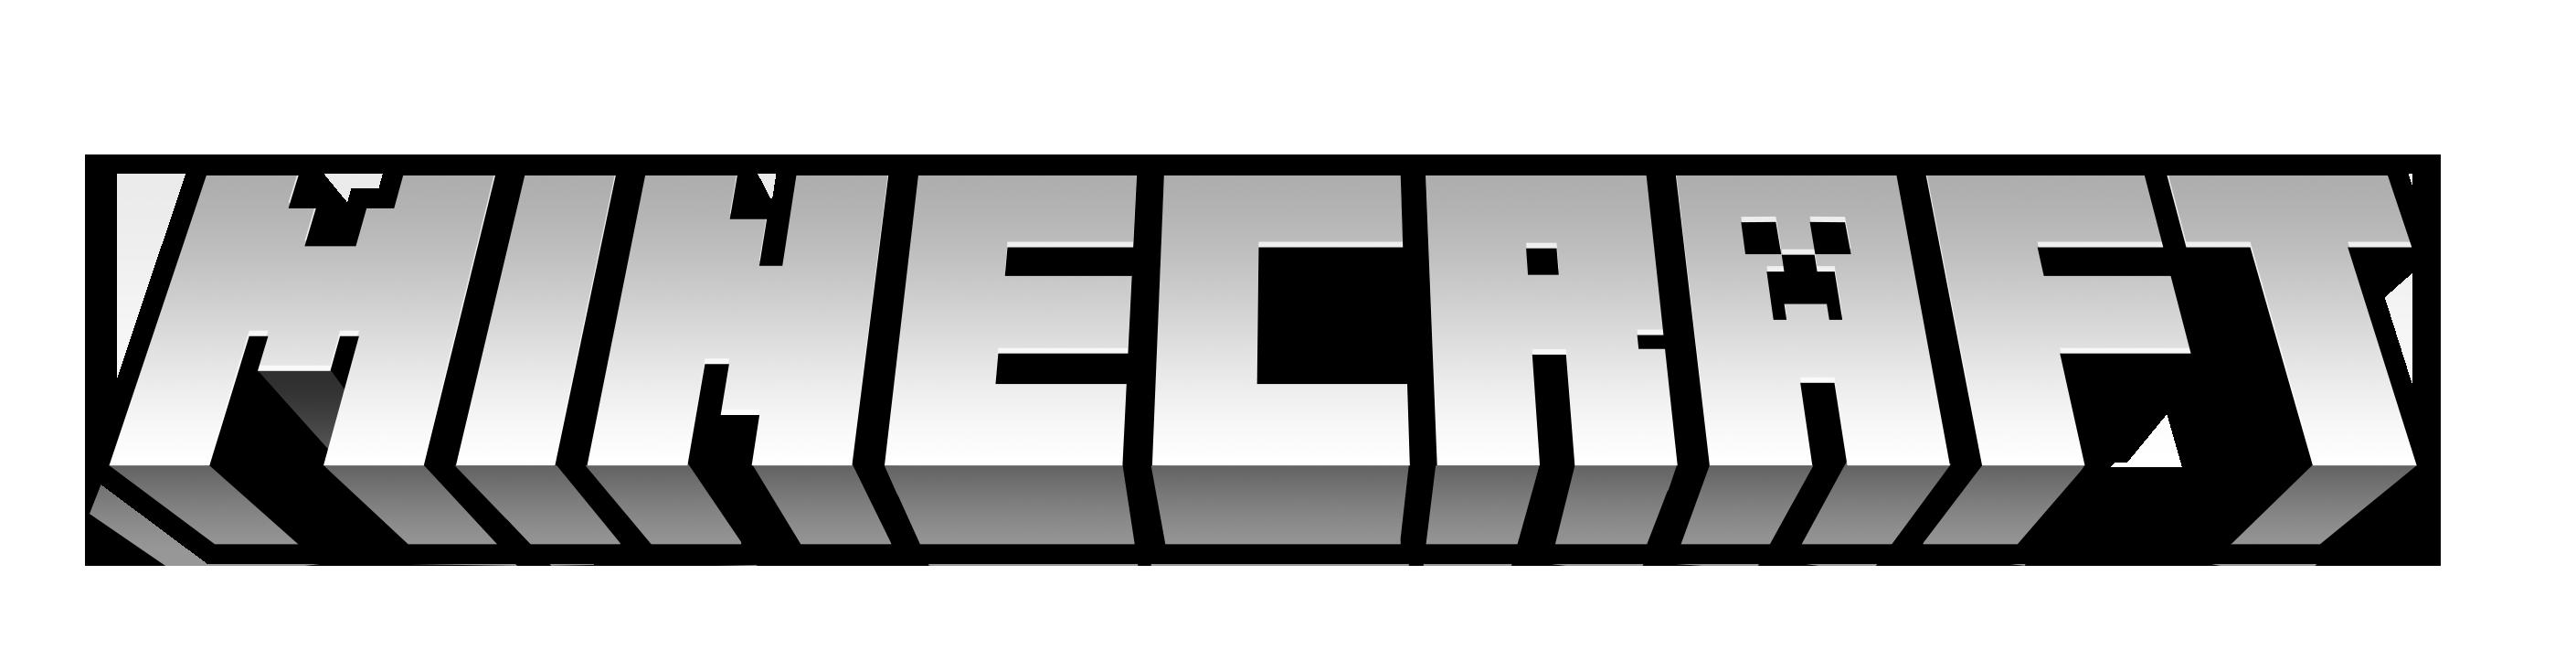 Minecraft HD logo by NuryRush